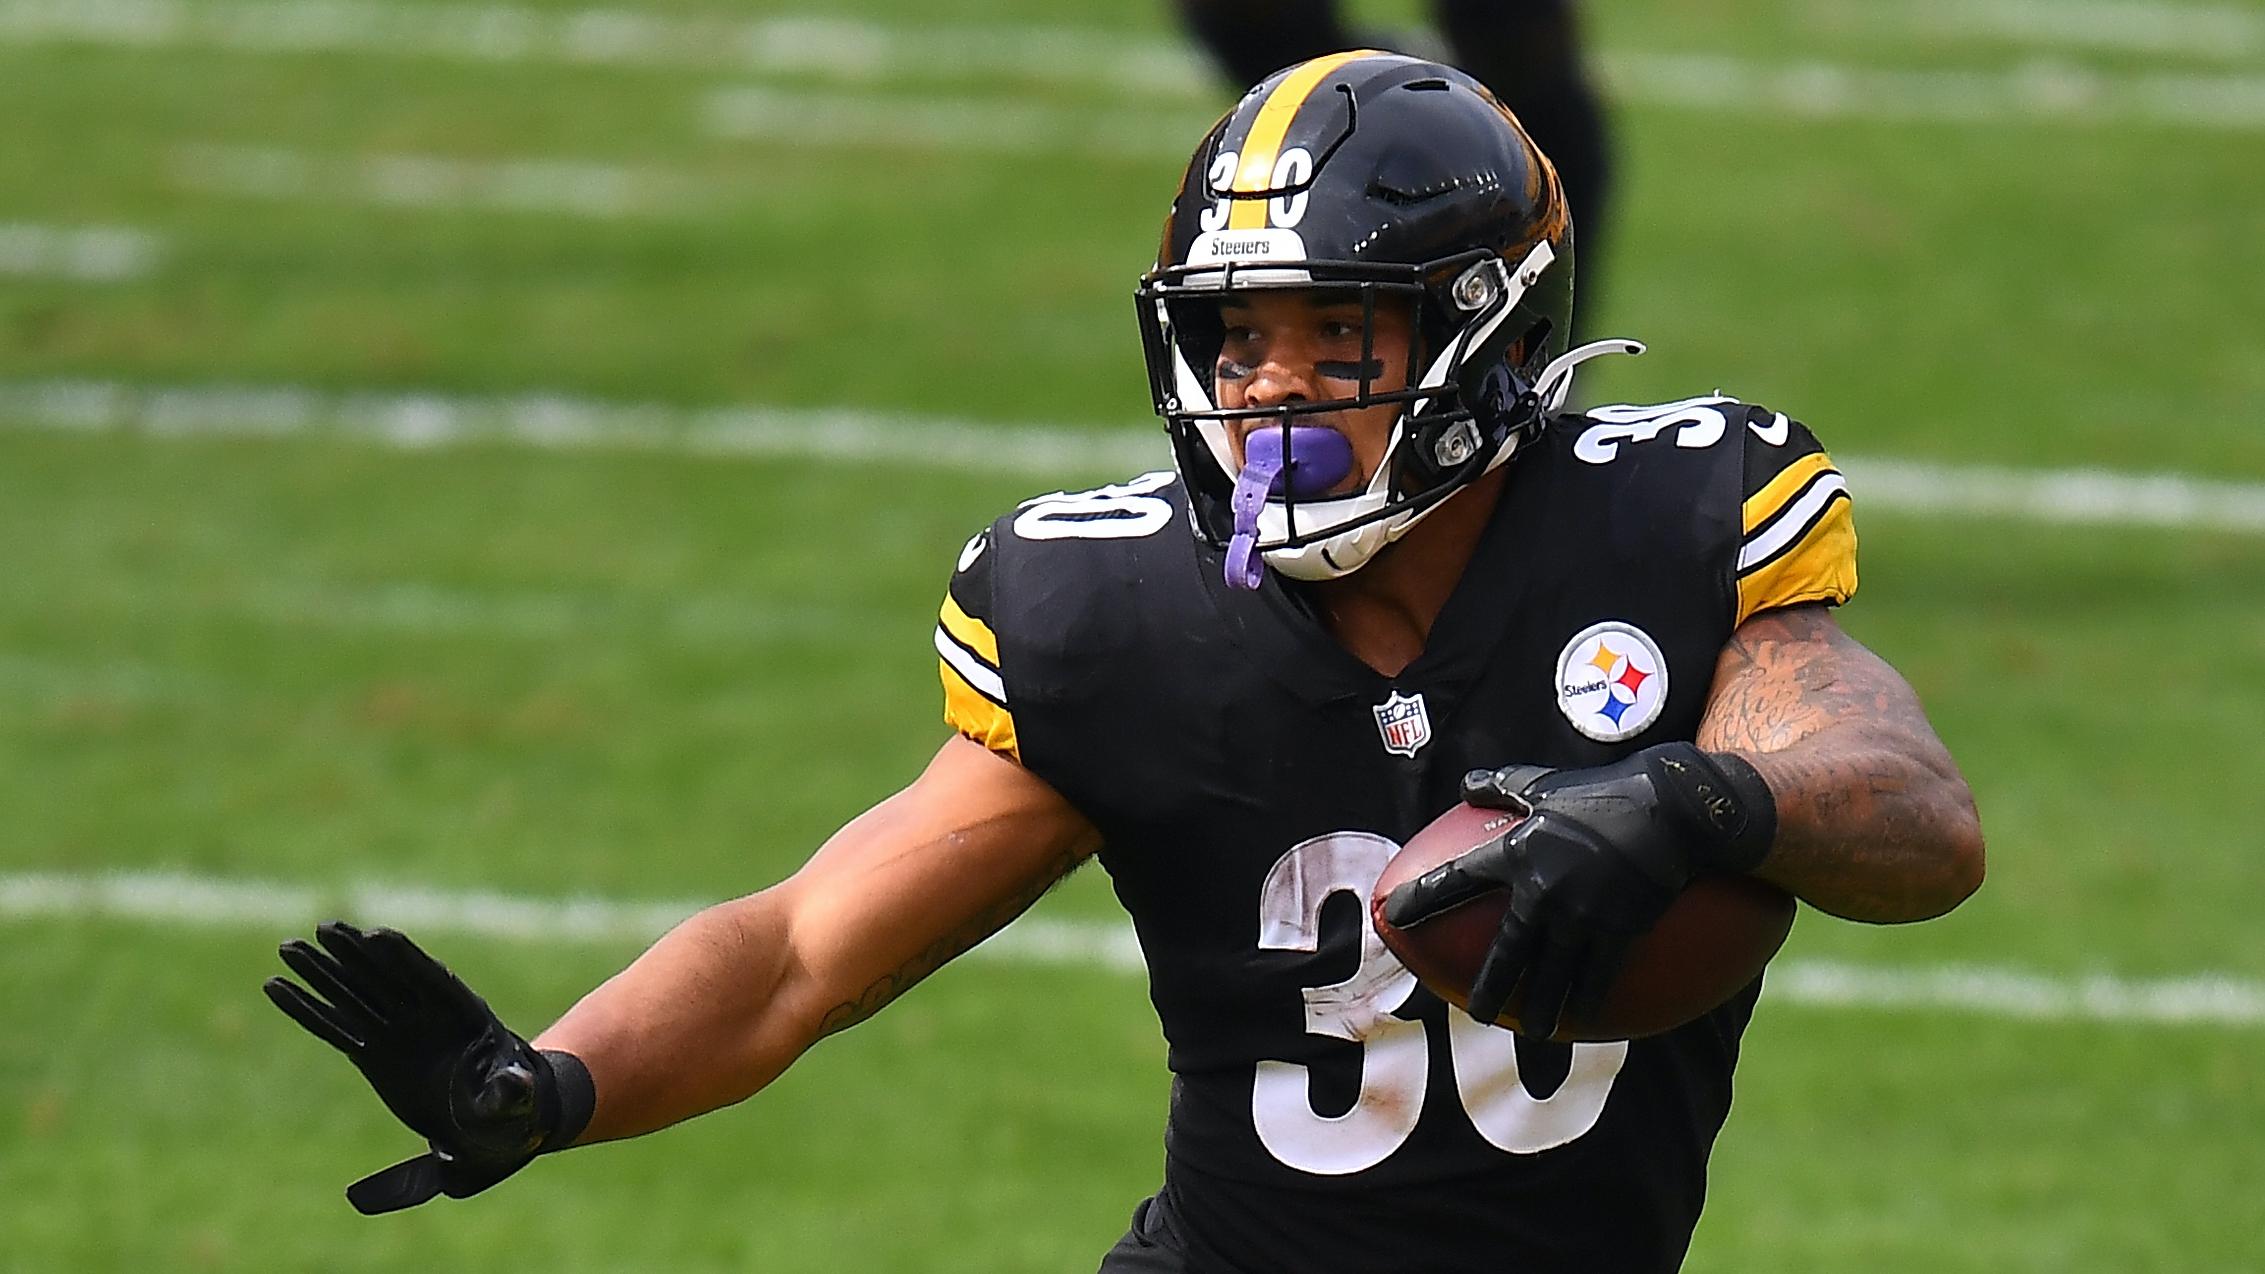 Steelers-vs-eagles-odds-pick-betting-week-5-2020